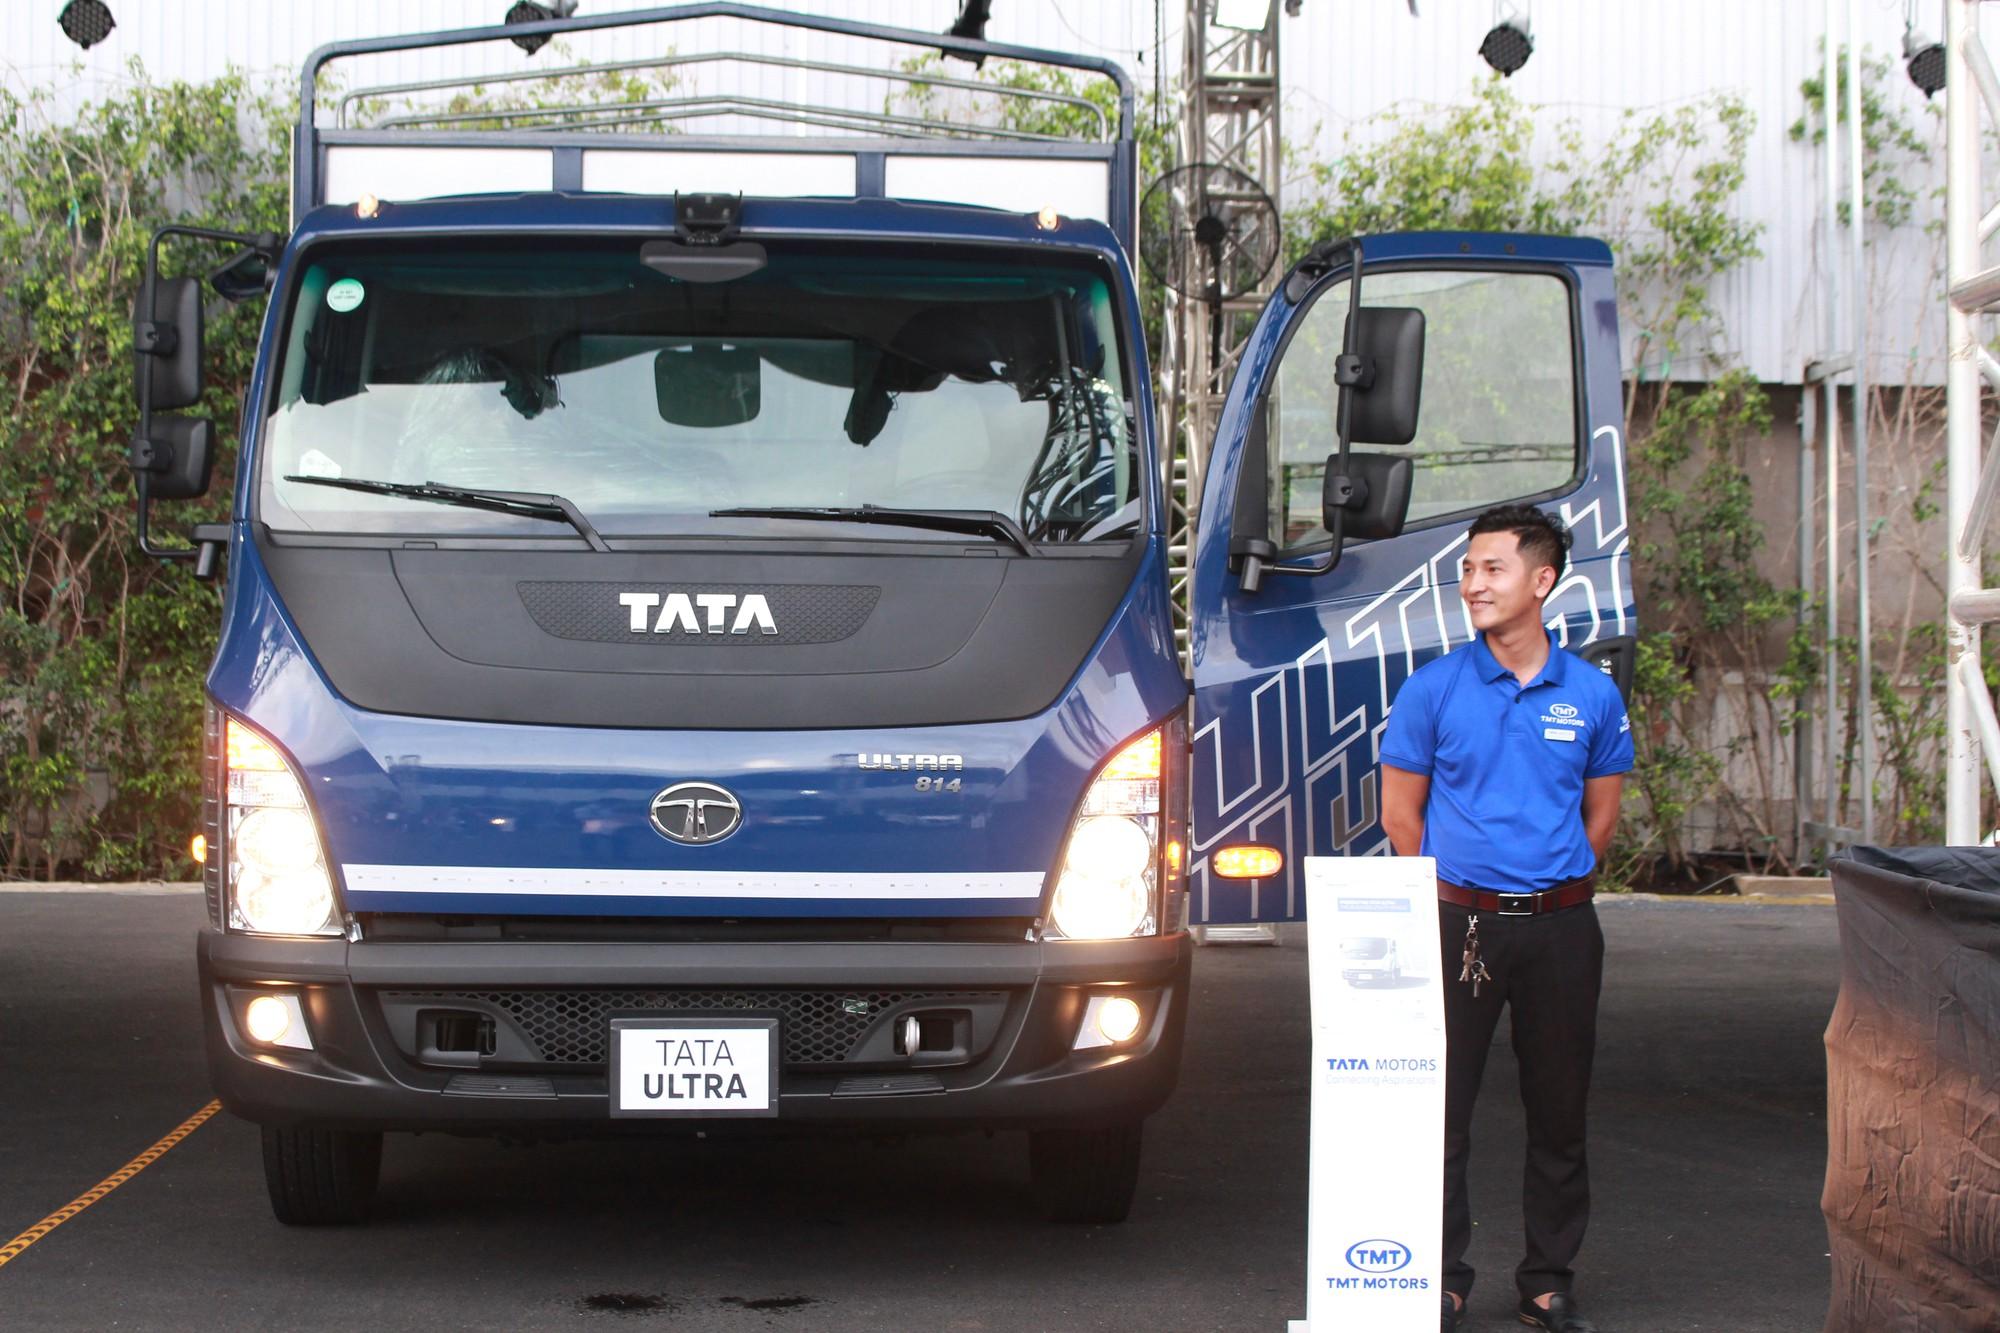 Hãng ôtô số một Ấn Độ tung xe tải tầm trung mới nhất tại Việt Nam, rẻ hơn xe Nhật Bản, Hàn Quốc từ 100-130 triệu - Ảnh 2.